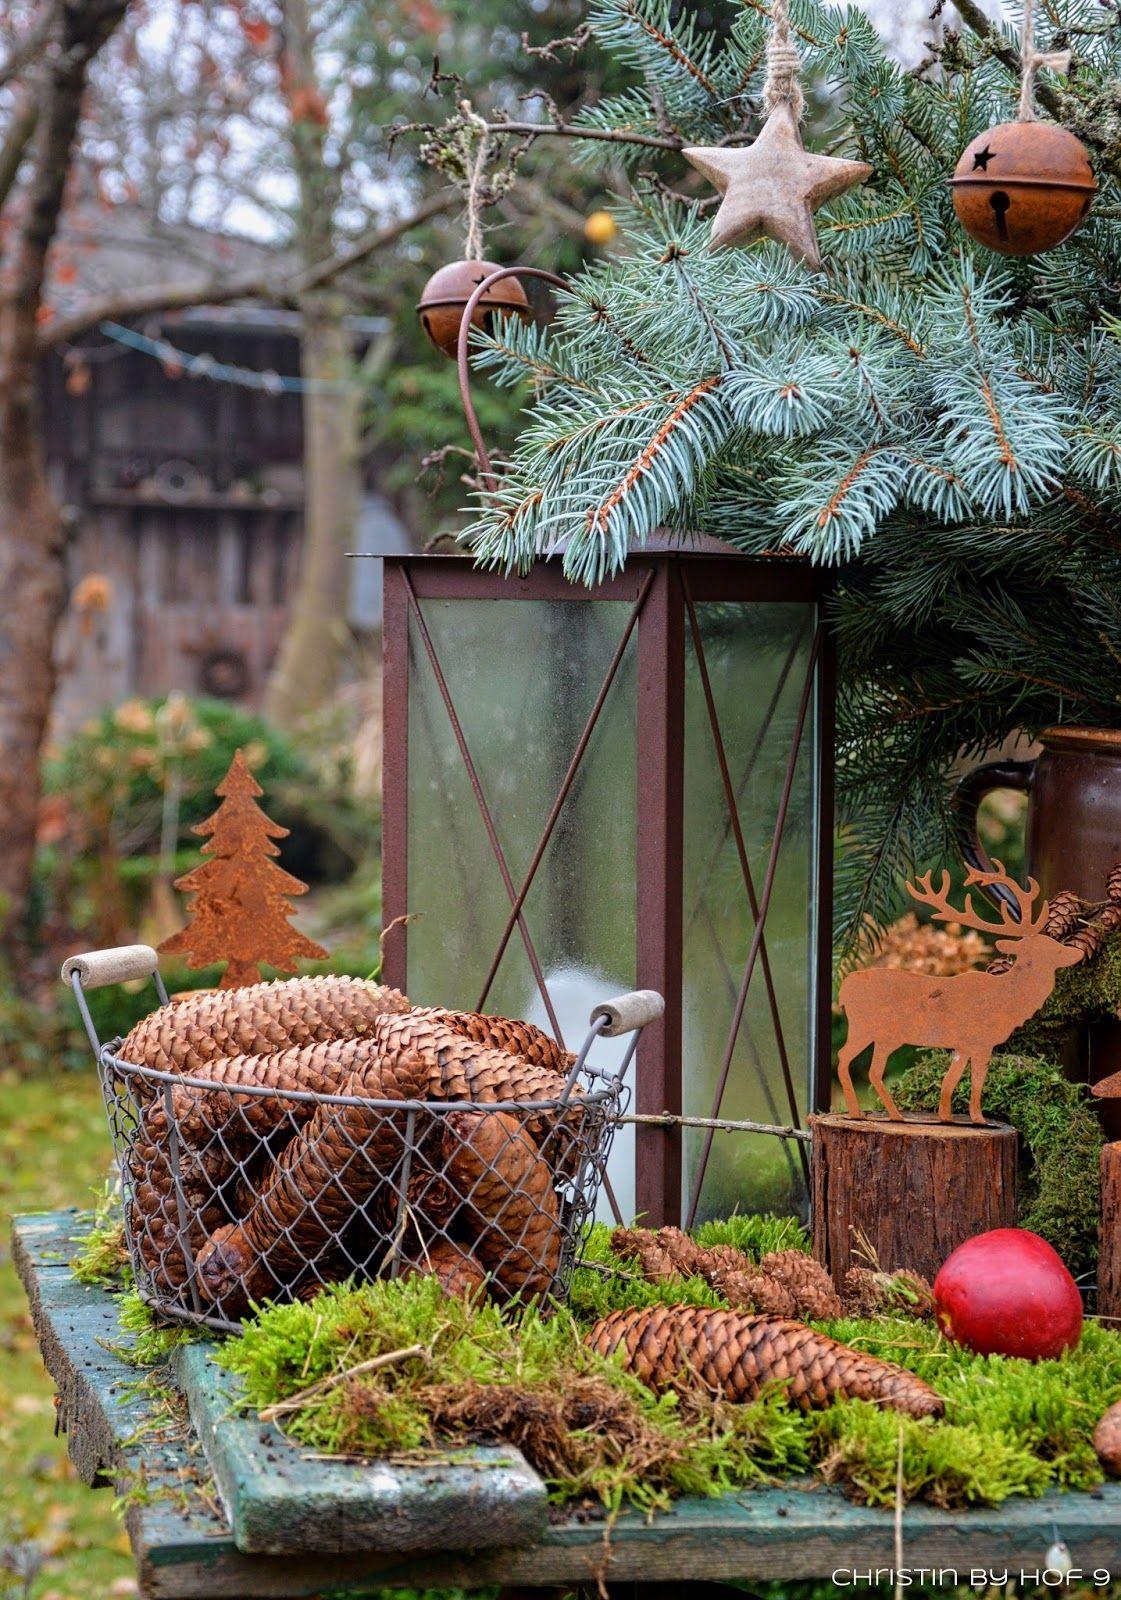 Quaste Aus Kiefernadeln Naturliche Gartendeko Im Winter Weihnachtsdekorati Weihnachtsdekoration Garten Dekoration Weihnachten Garten Weihnachtsdeko Im Garten